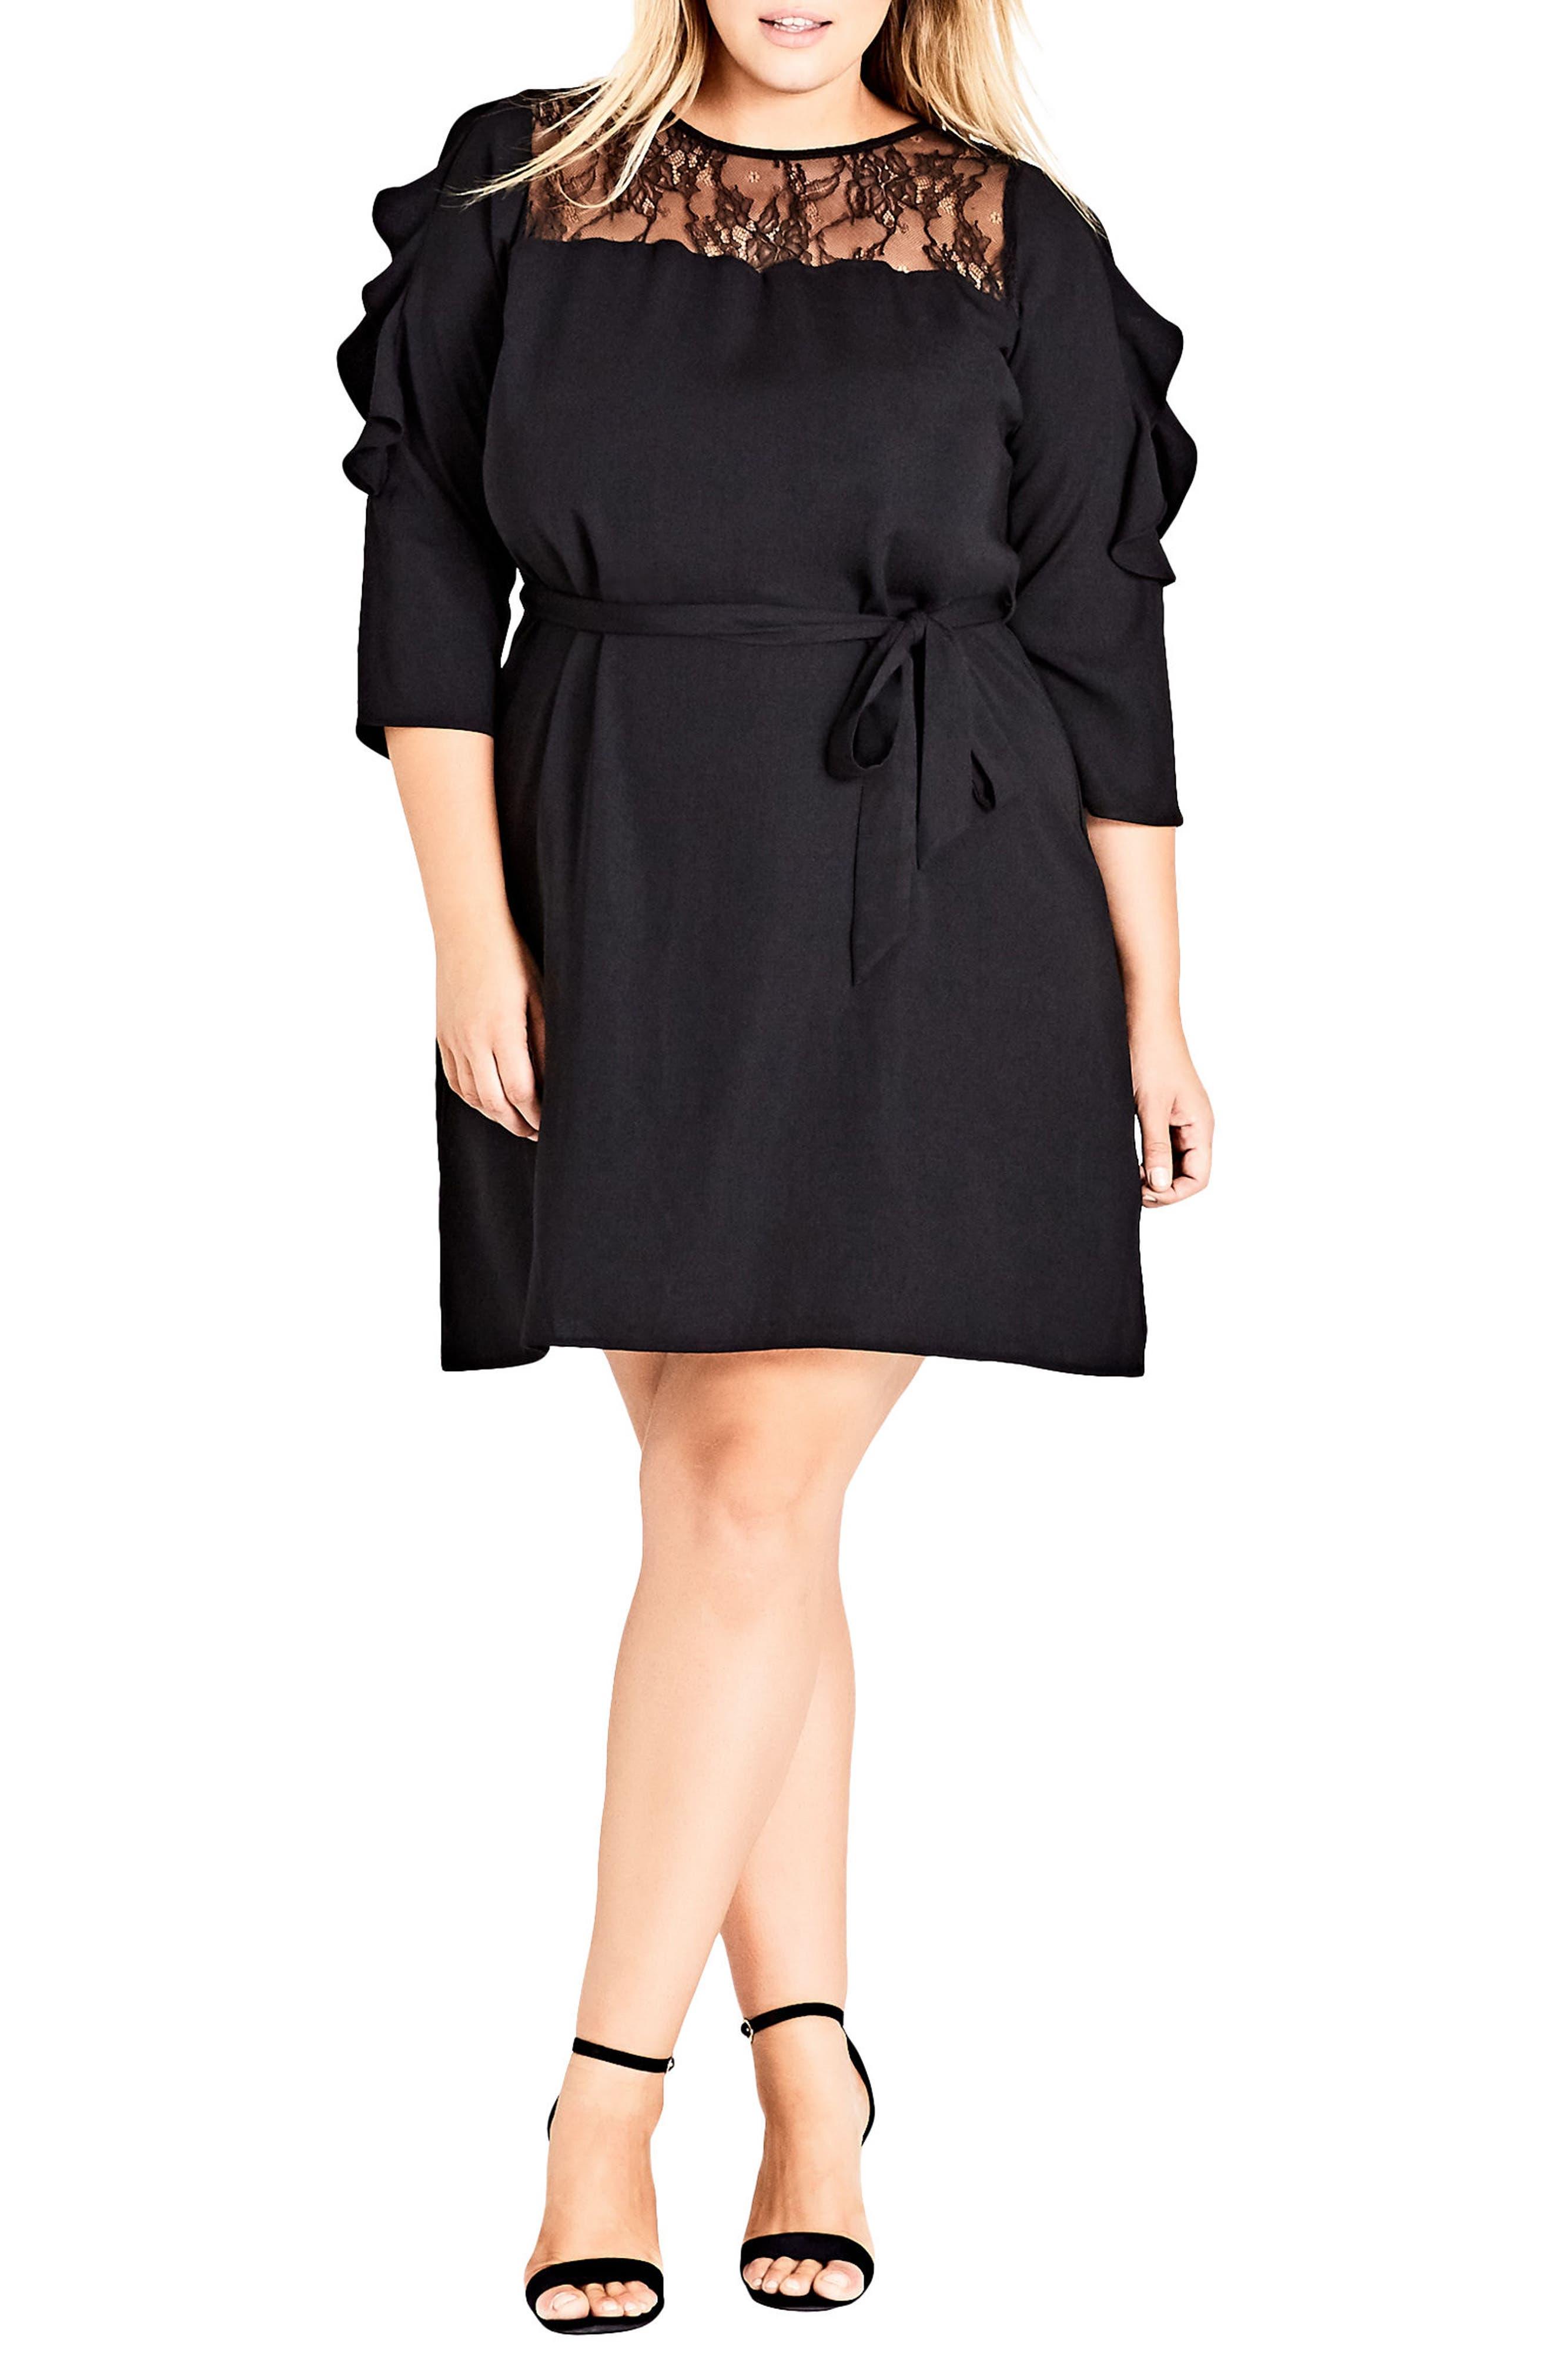 Plus Size City Chic Fancy Frill Lace Detail A-Line Dress